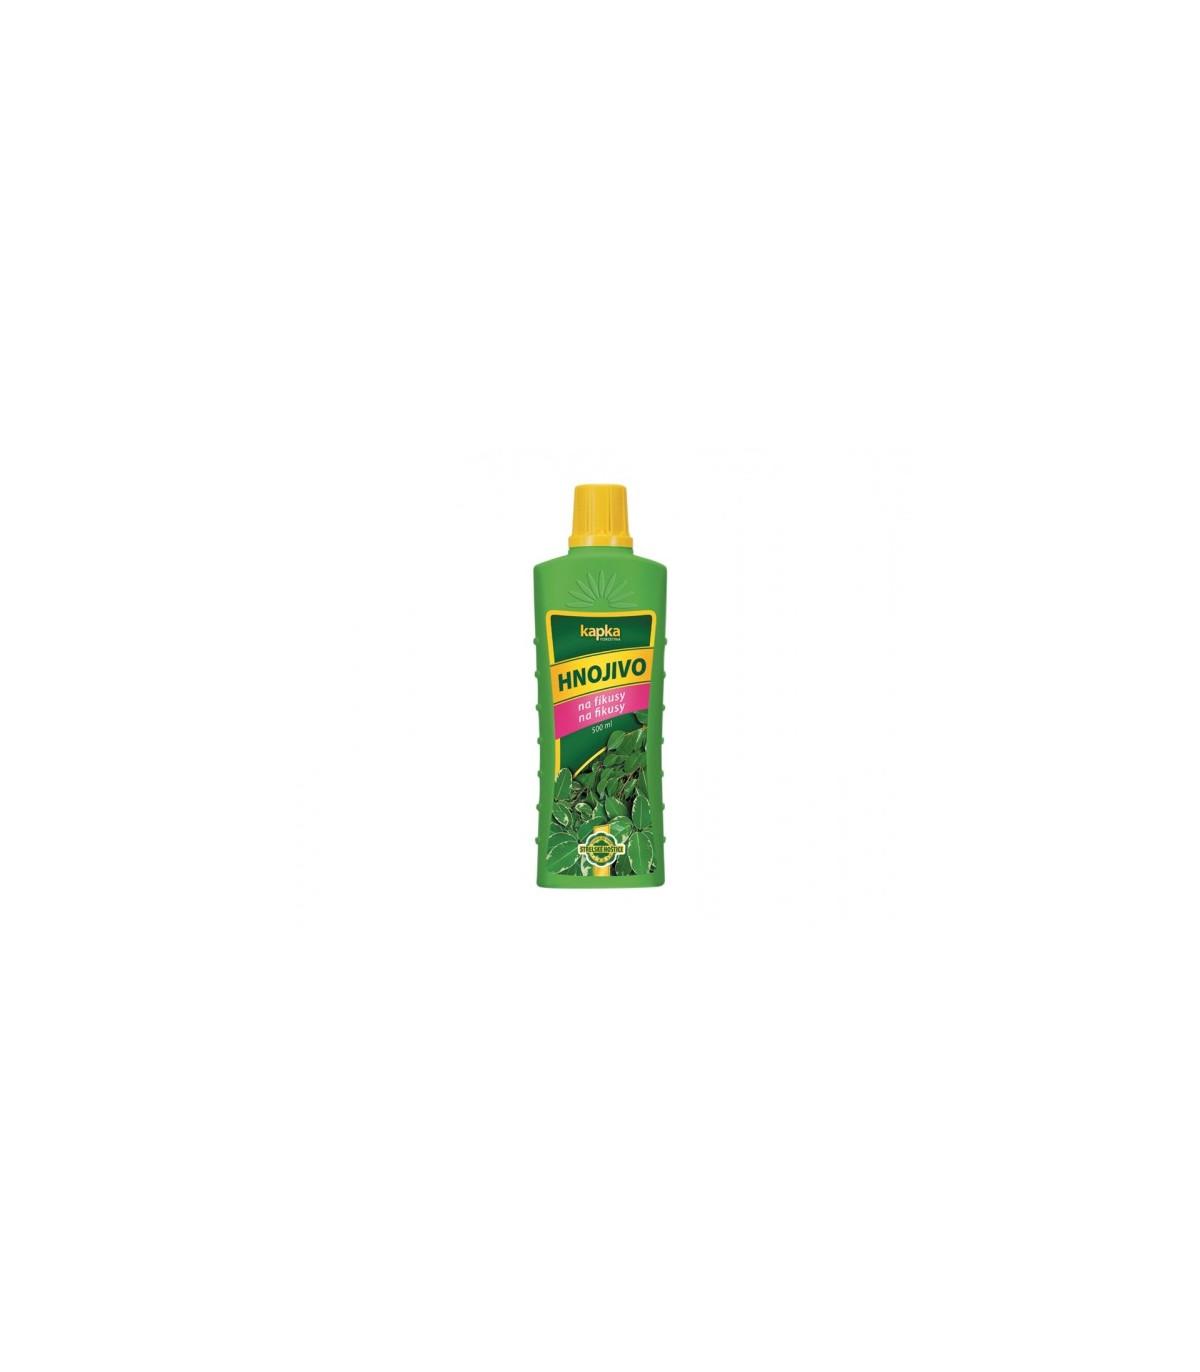 Hnojivo na fikusy - Kvapka - 500ml